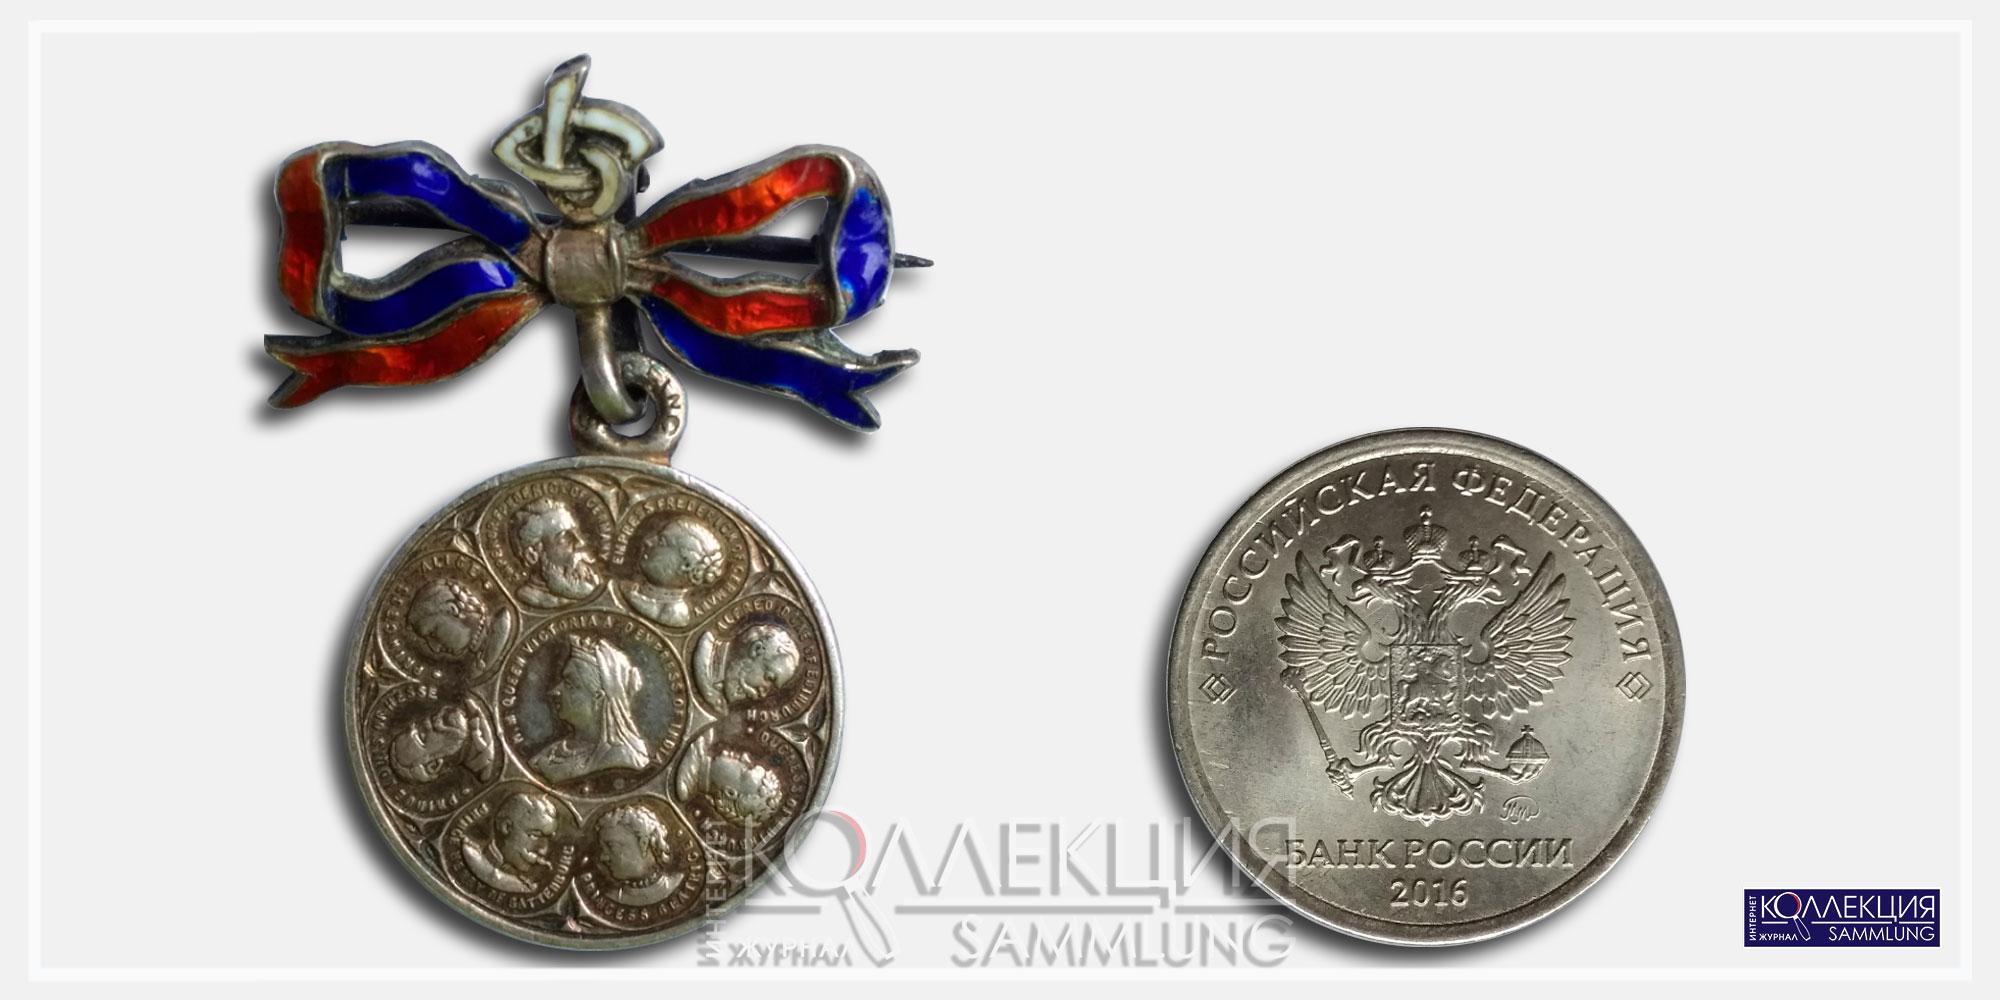 Медалевидный жетон (медалет) с портретом королевы Виктории и членами британского королевского дома. Thomas Fattorini, Бирмингем, 1896. Серебро, горячие эмали. Диаметр медали 19,5 мм, высота 35 мм. Сравнение с рублёвой монетой. Коллекция М.М. Тренихина